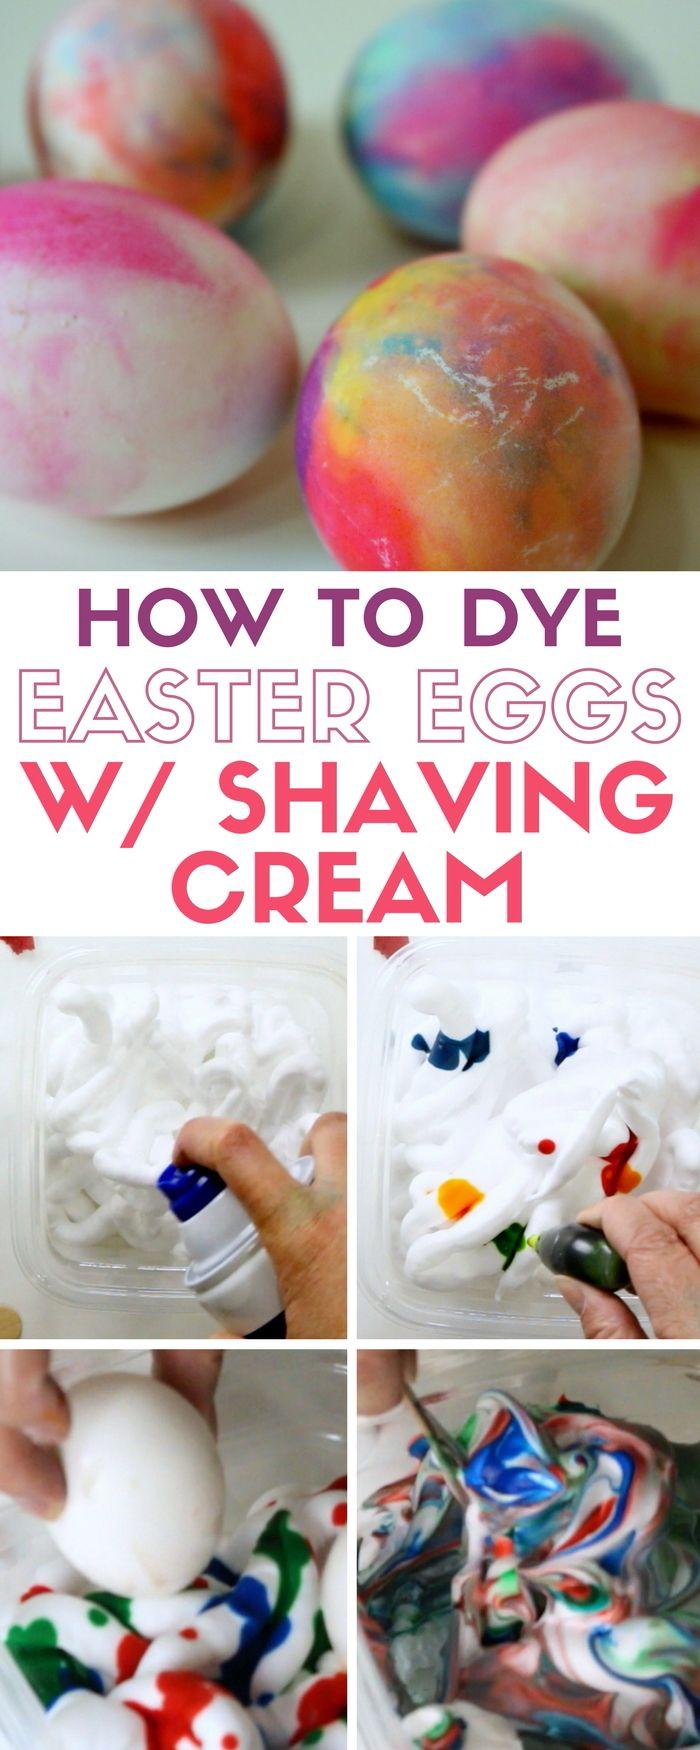 Best 25+ Shaving cream easter eggs ideas on Pinterest | Whipped ...